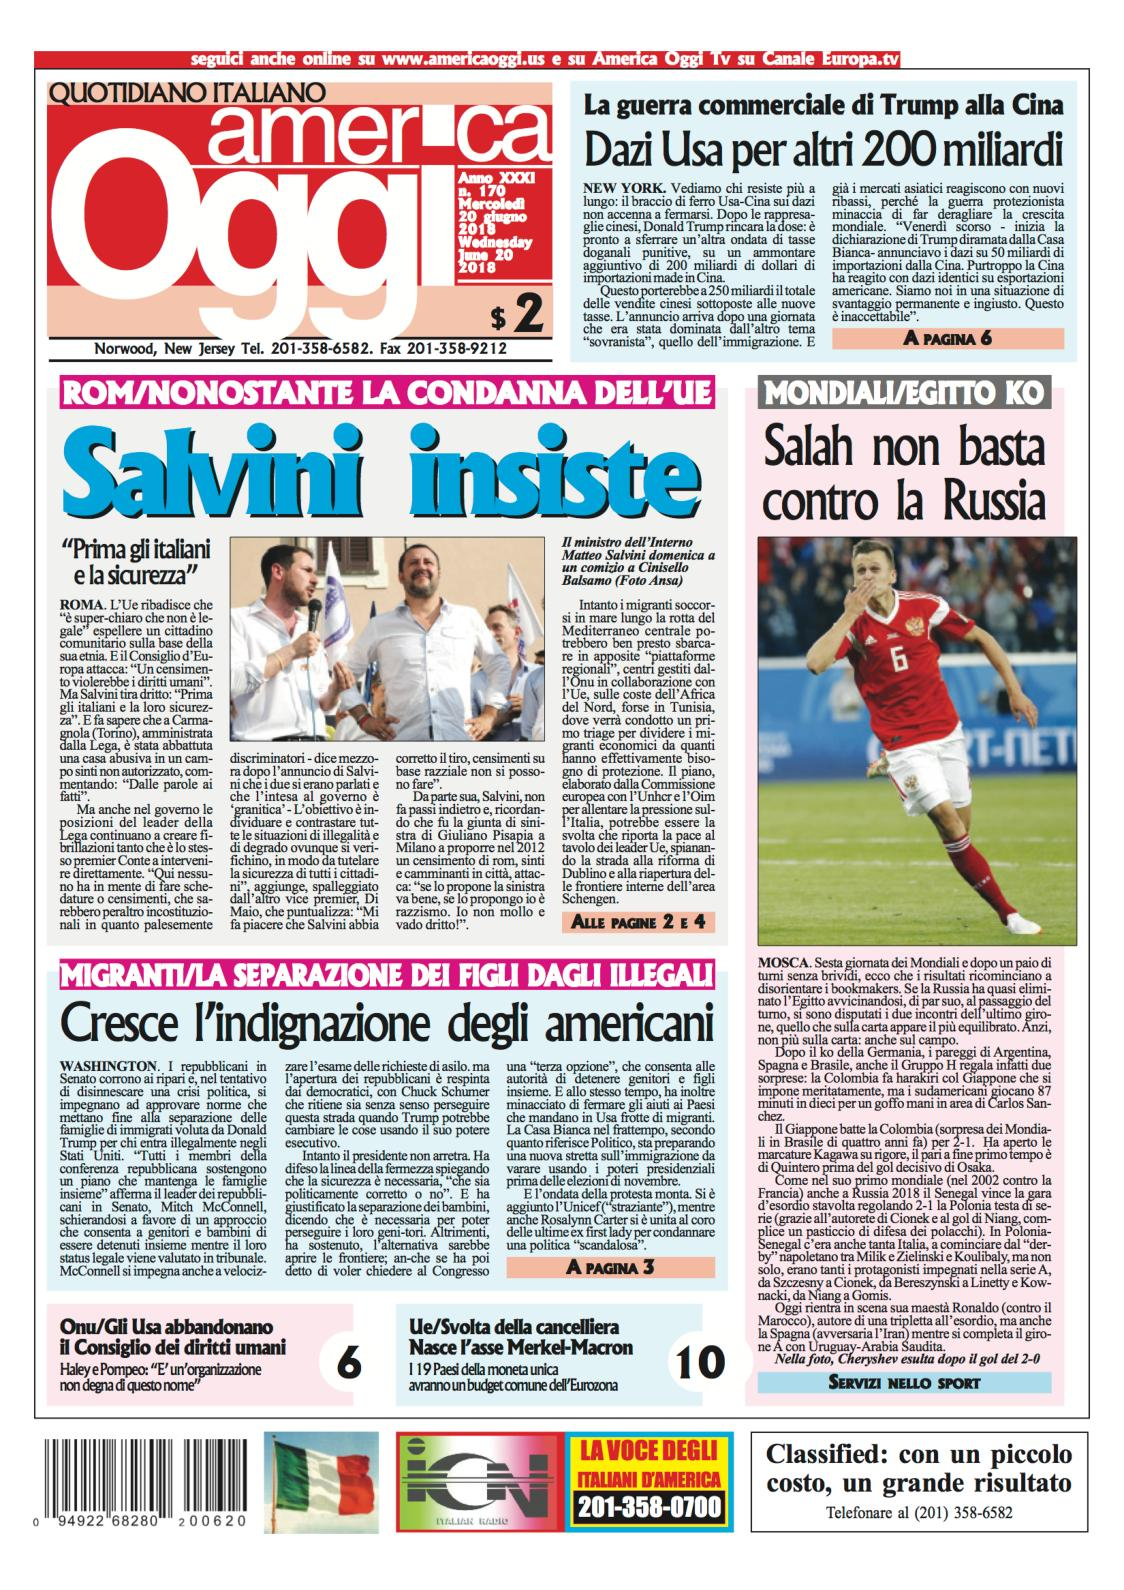 CAGLIARI COVER CUSTODIA IPHONE calcio tifoso - EUR 1500  PicClick IT